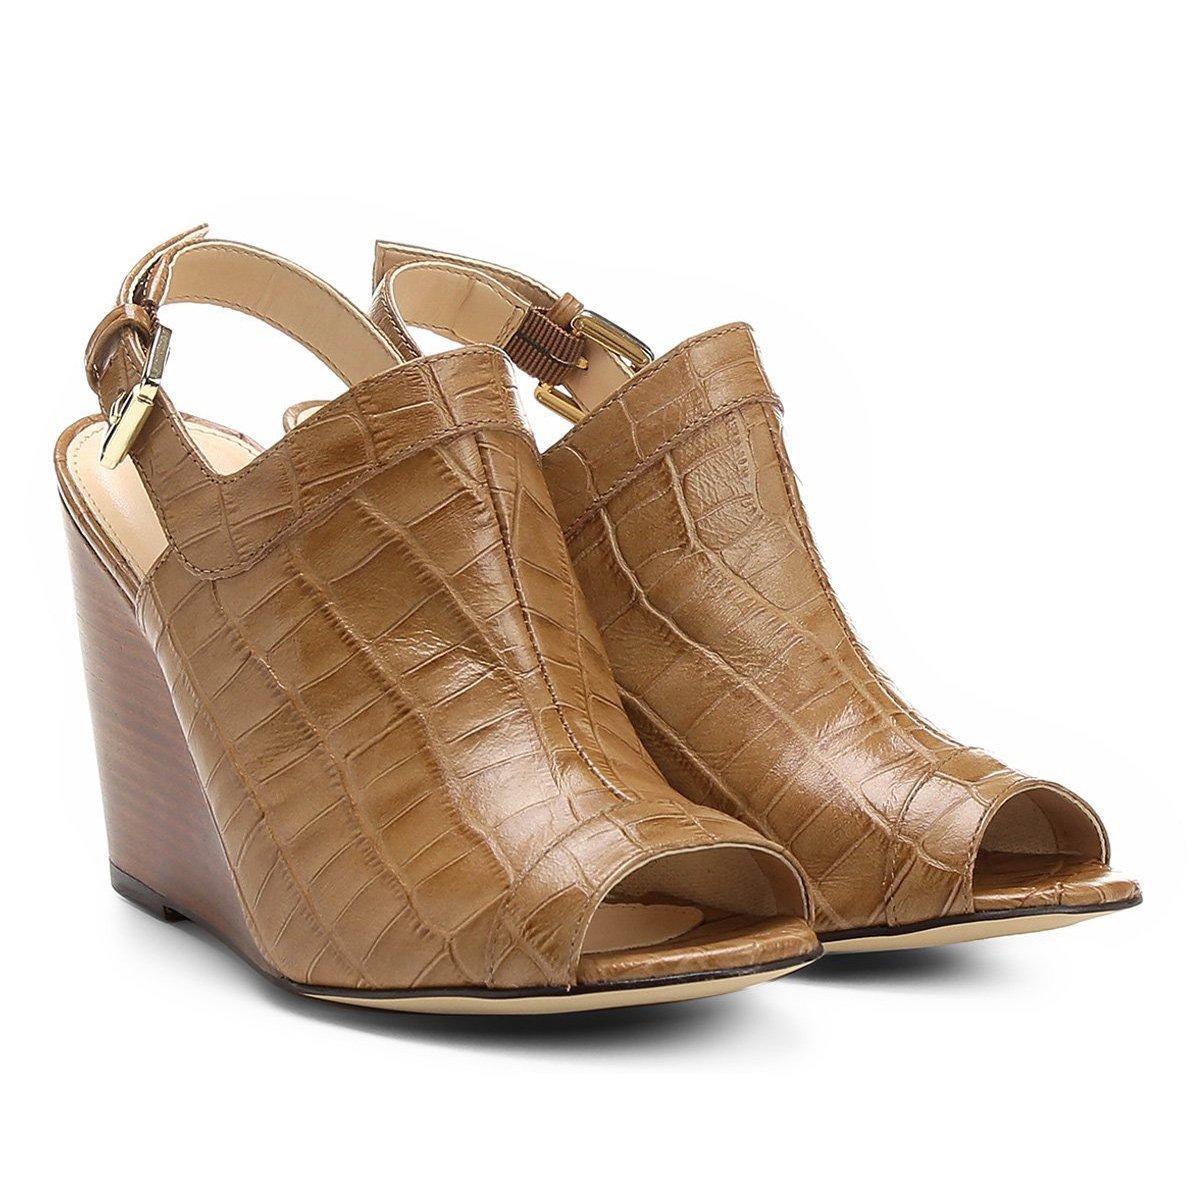 Anabela Abotinada Bege Anabela Couro Couro Sandália Shoestock Abotinada Shoestock Anabela Bege Abotinada Couro Sandália Feminina Feminina Shoestock Sandália wxTBn7Ad0q